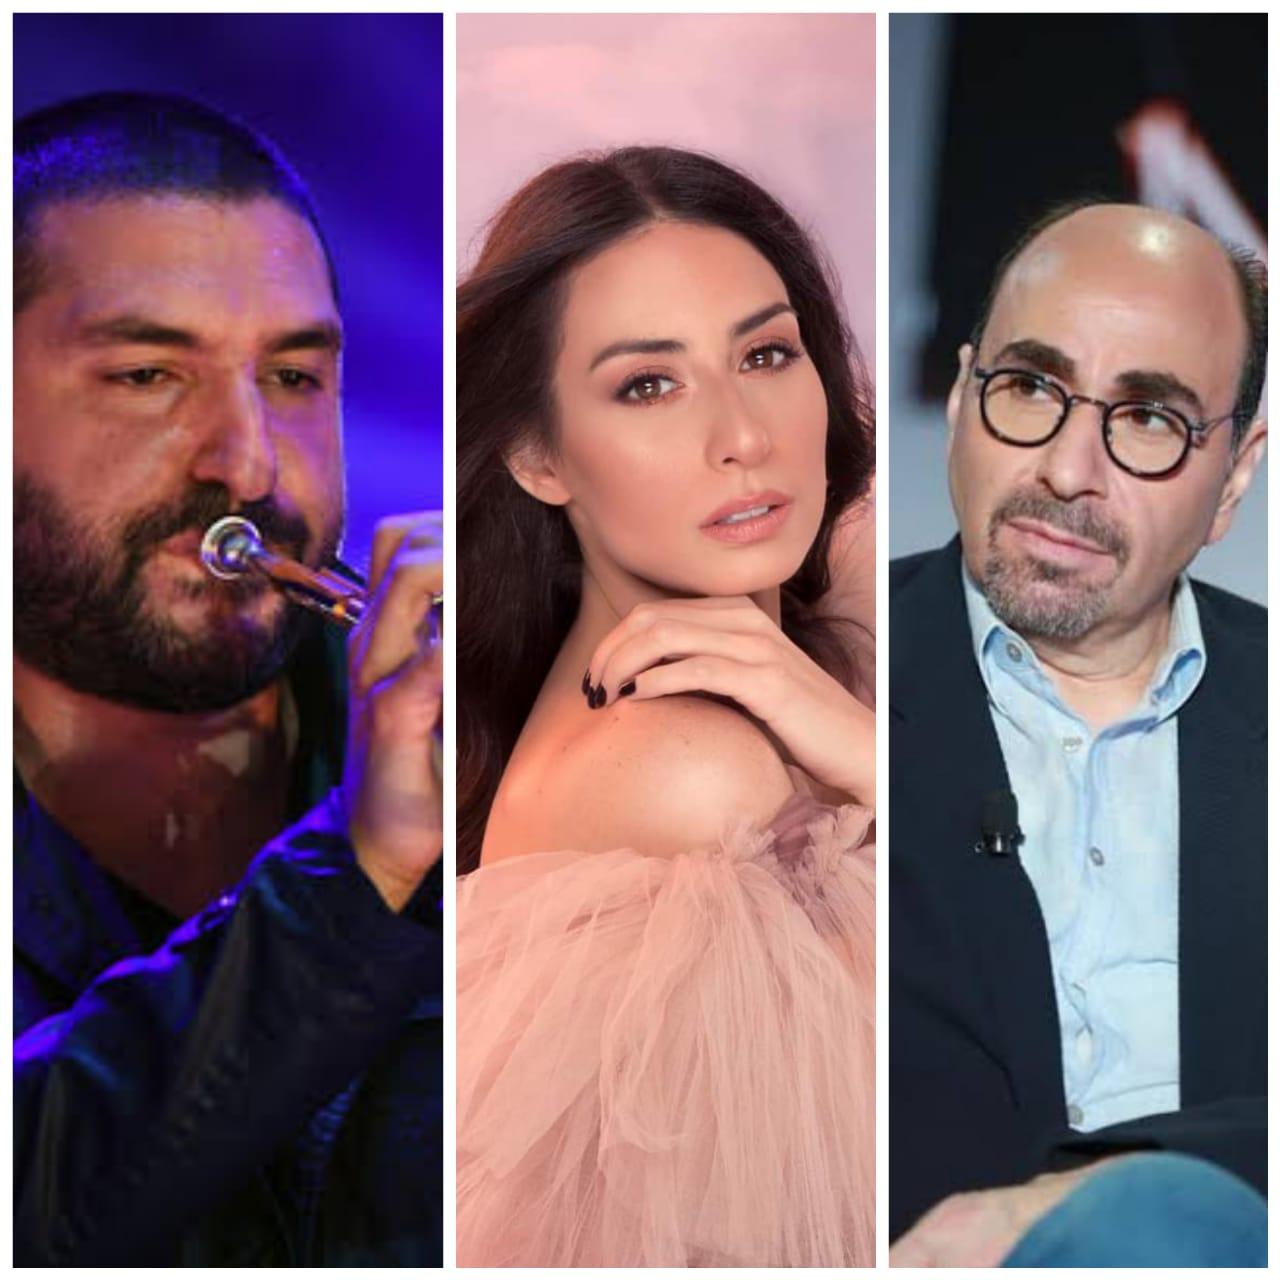 بالصور.. هبة طوجي ومجموعة من الموسقيين يجتمعون في حفل عالمي لدعم ضحايا بيروت